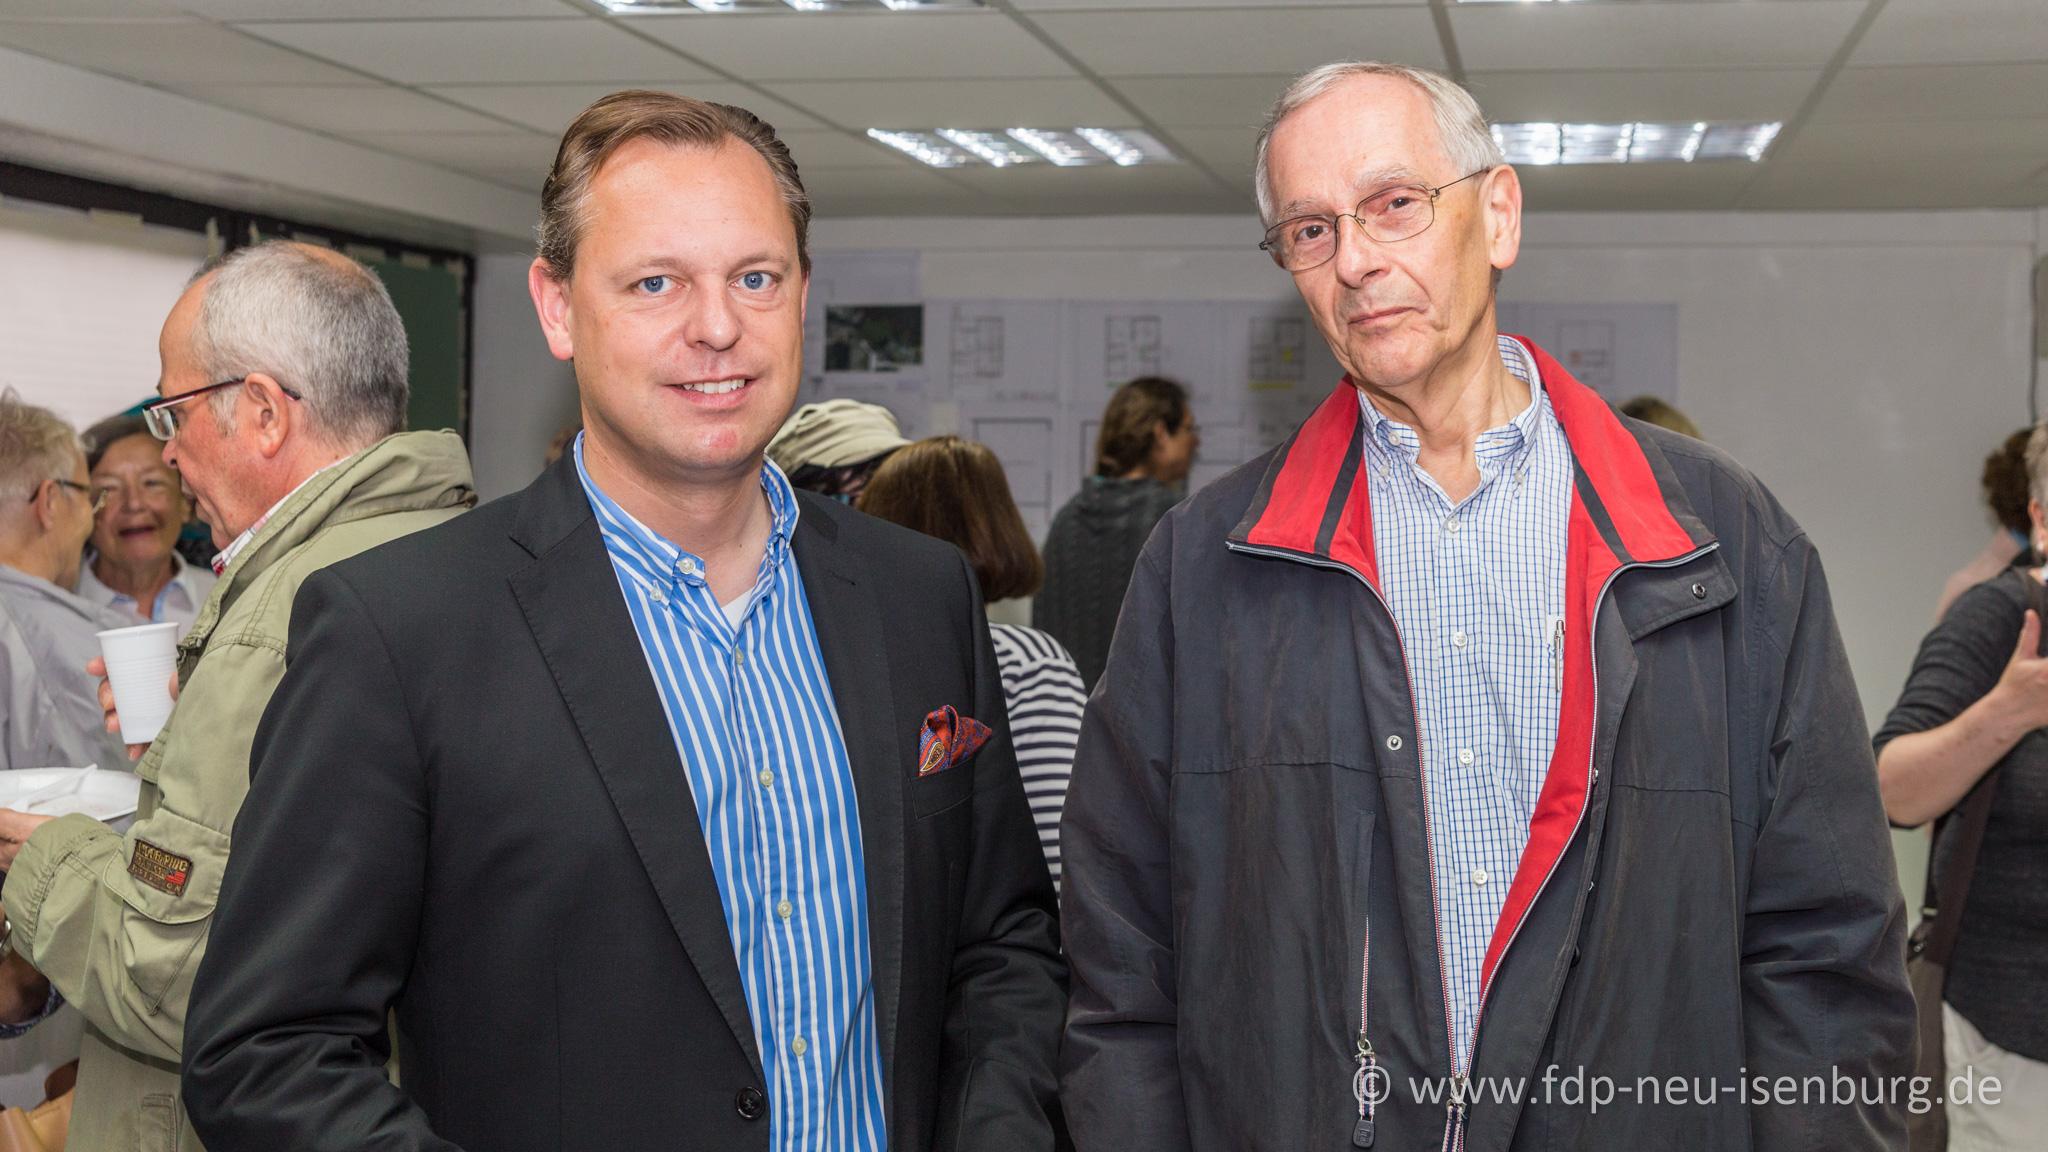 v.l.n.r.: Thilo Seipel (Fraktionsvorsitzender), Hans-Joachim Neumann (stellv. Ortsvorsitzender) und Alexander Jungmann (Fraktionsgeschäftsführer, hinter der Kamera).